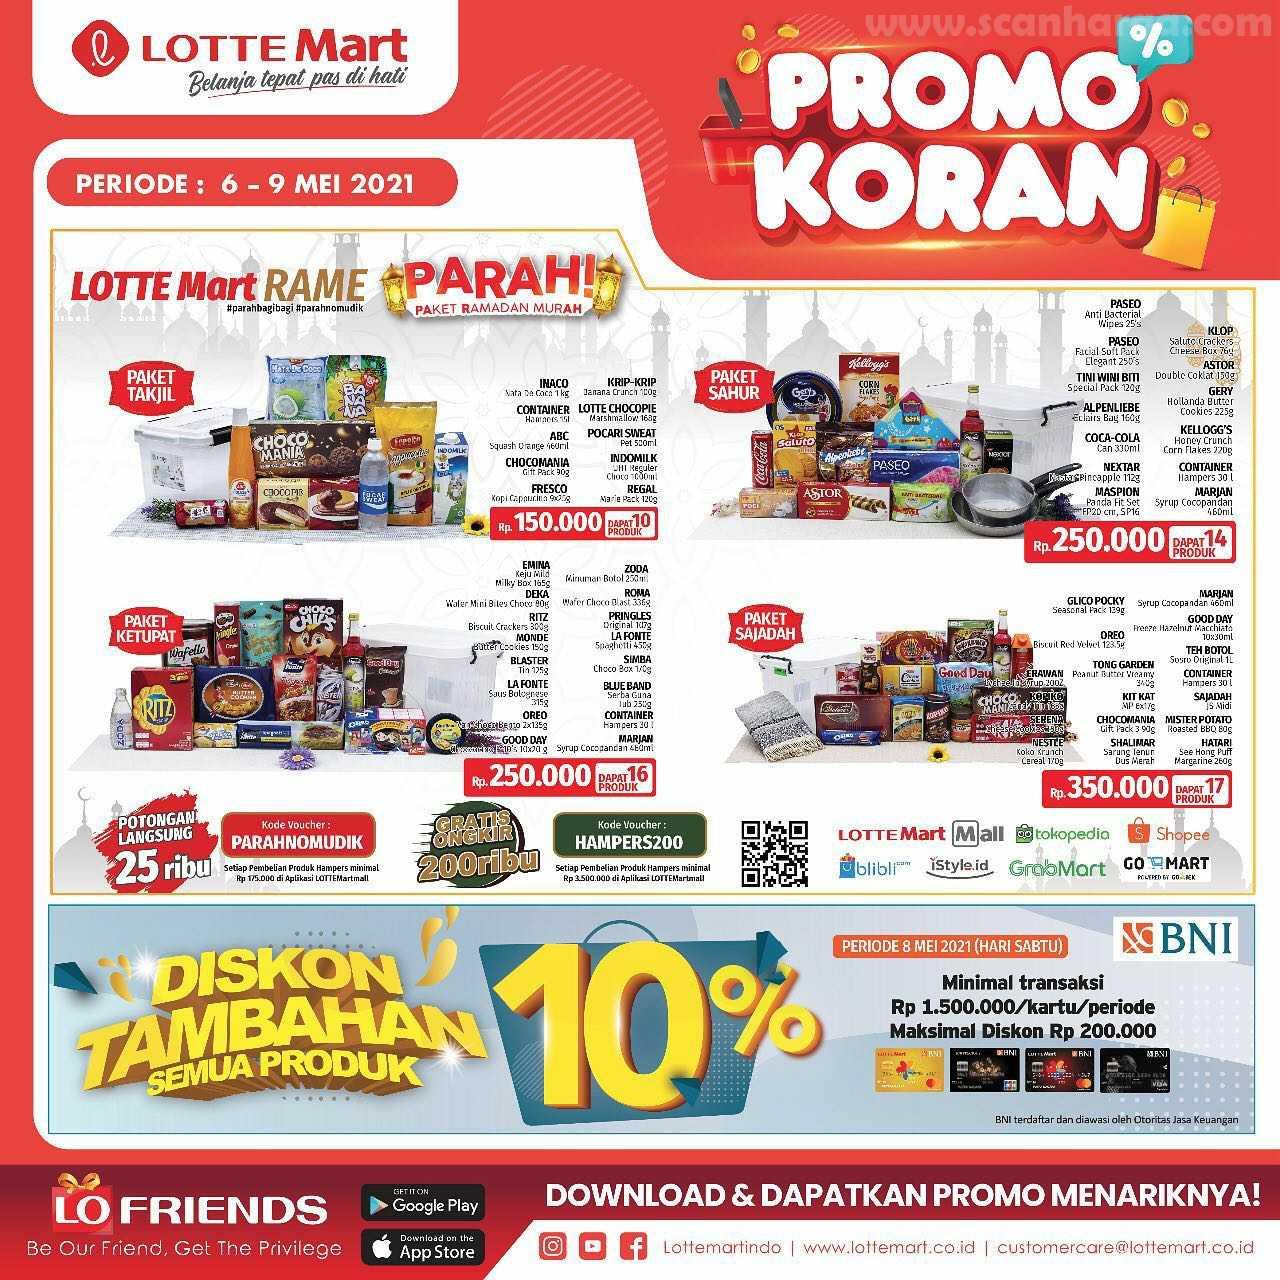 Katalog Promo Lottemart Weekend 6 - 9 Mei 2021 7